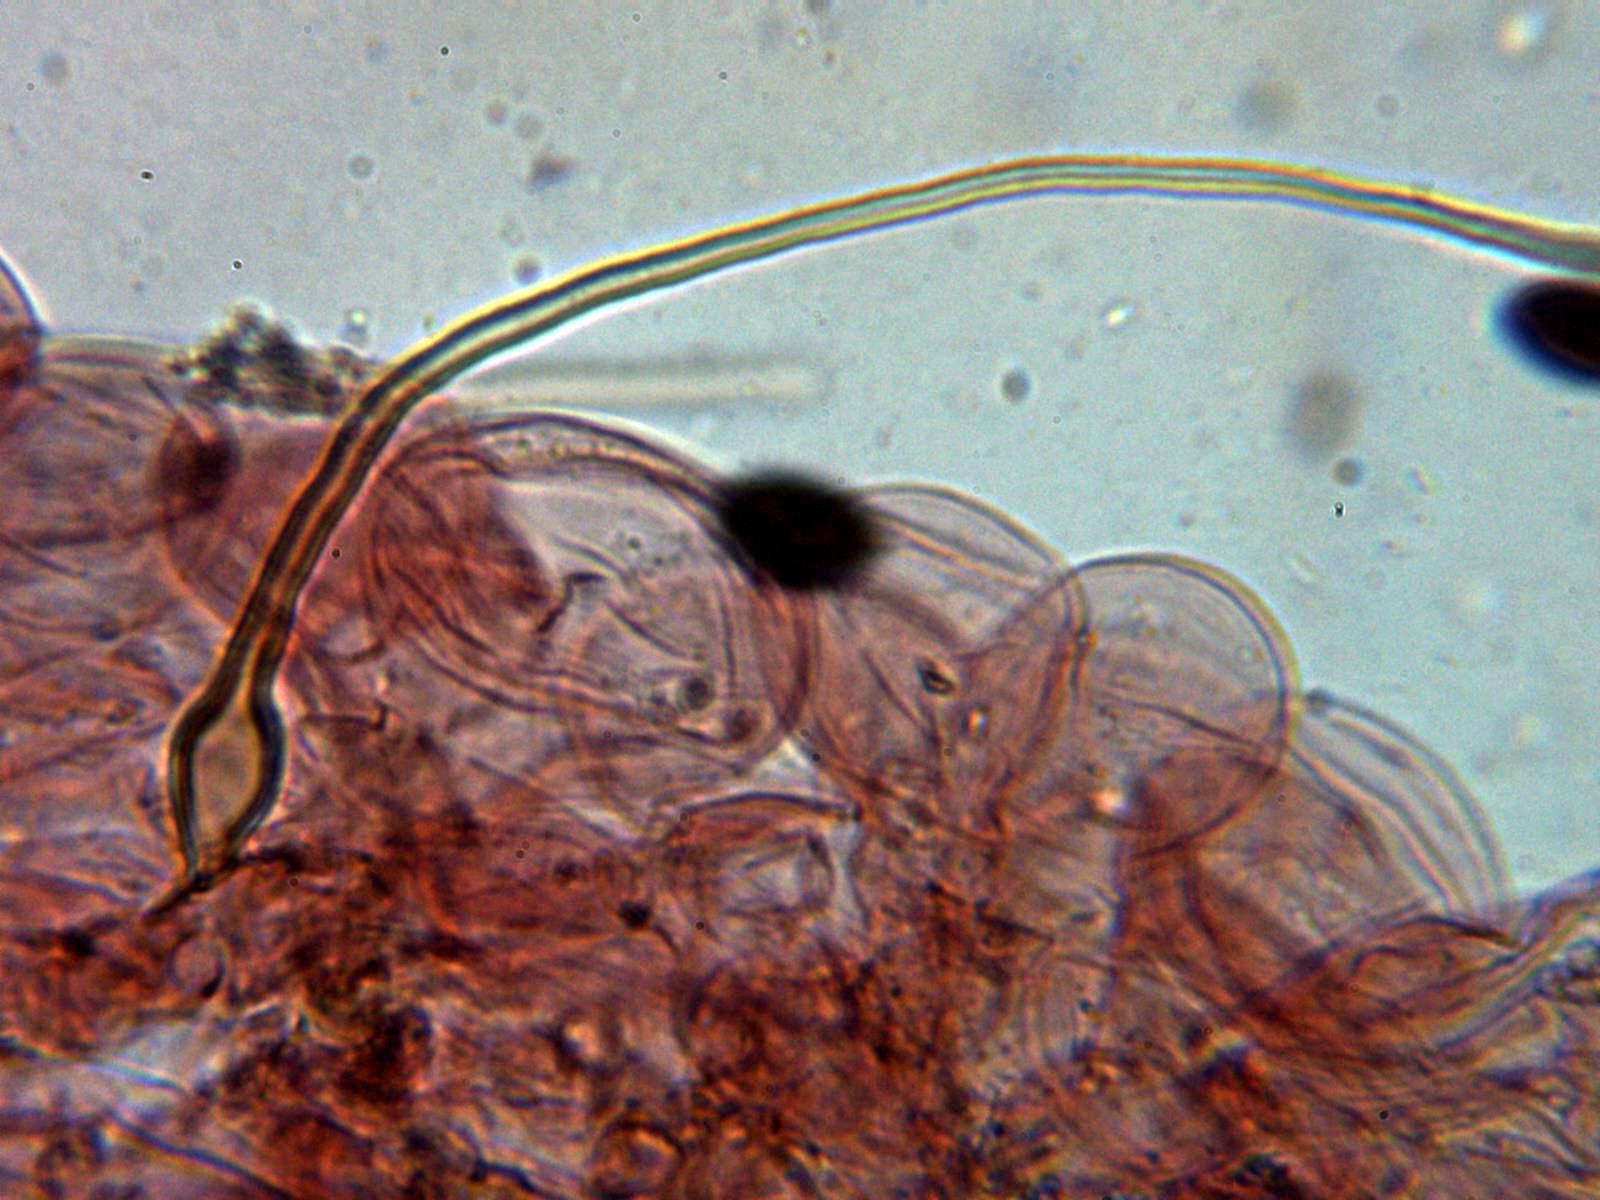 Pileipellis2_2020-09-26.jpg